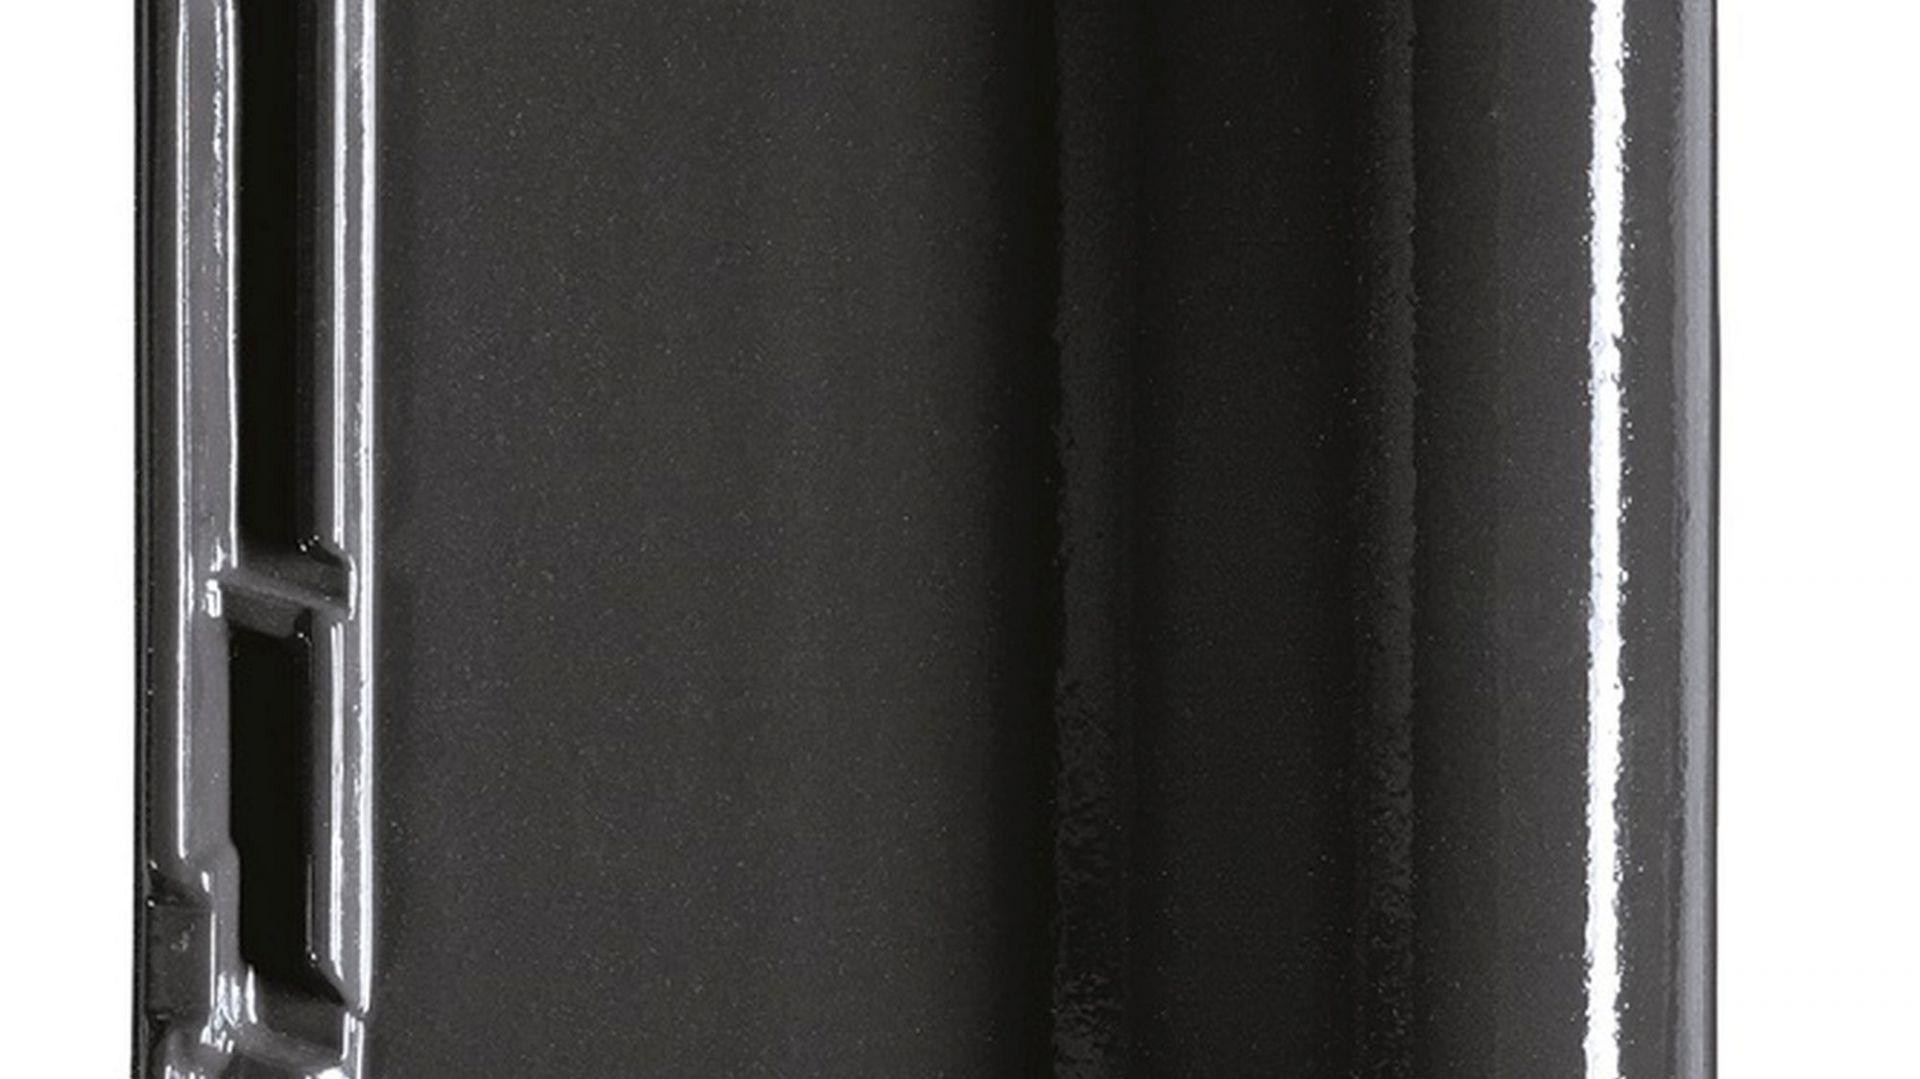 Dachówka ceramiczna Titania – dostępna jest teraz w nowej wersji kolorystycznej – Finesse w kolorze łupka z glazurowaną powłoką. Fot. Creaton